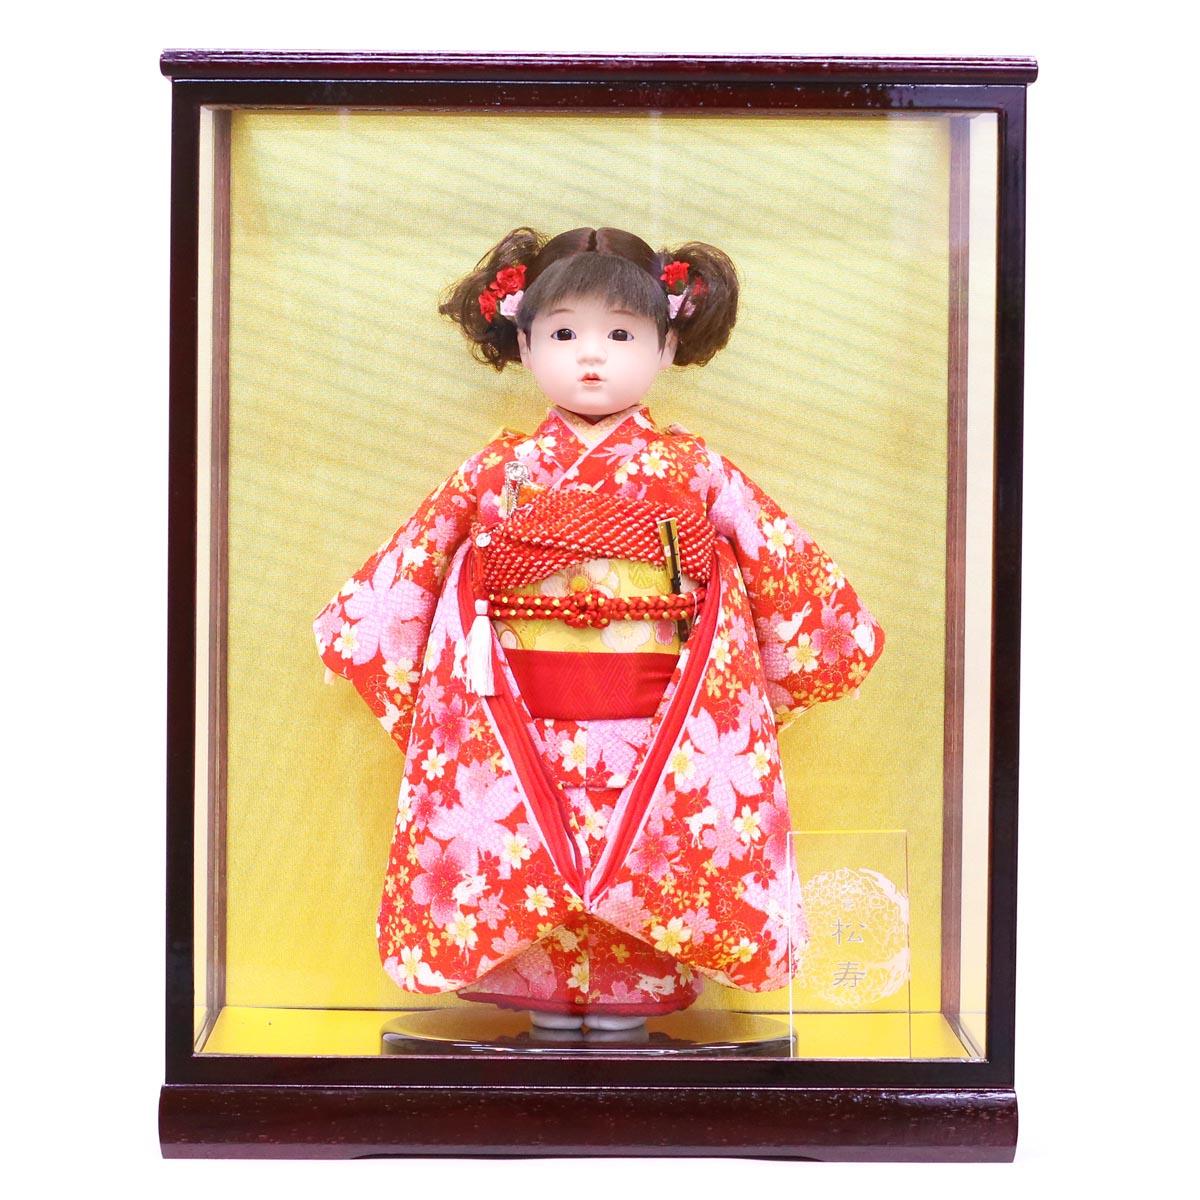 雛人形 松寿 コンパクト 市松人形 松寿作 市松人形 特選友禅 赤 桜にうさぎ ケース入り (HB45) 市松 ICMY-BA16008-24-C (HB45)ひな人形 かわいい おしゃれ インテリア ひな人形 小さい ミニ